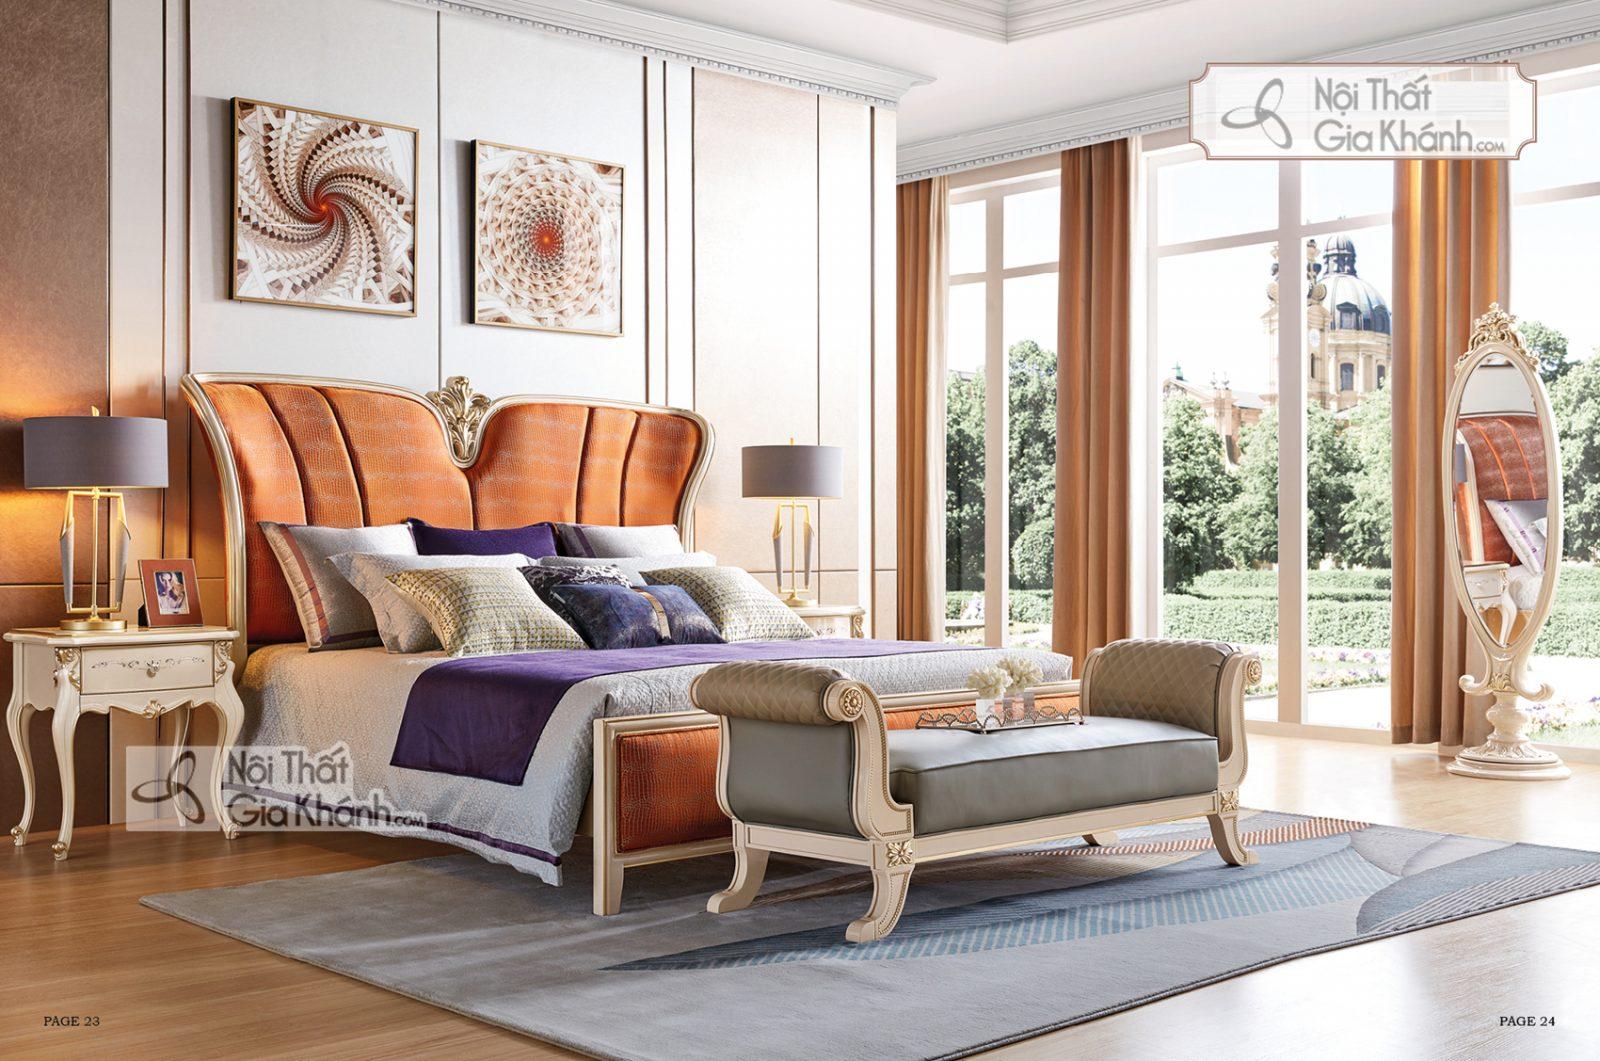 Giường Ngủ Luxury Gi9806H-18 Phong Cách Quí Phái